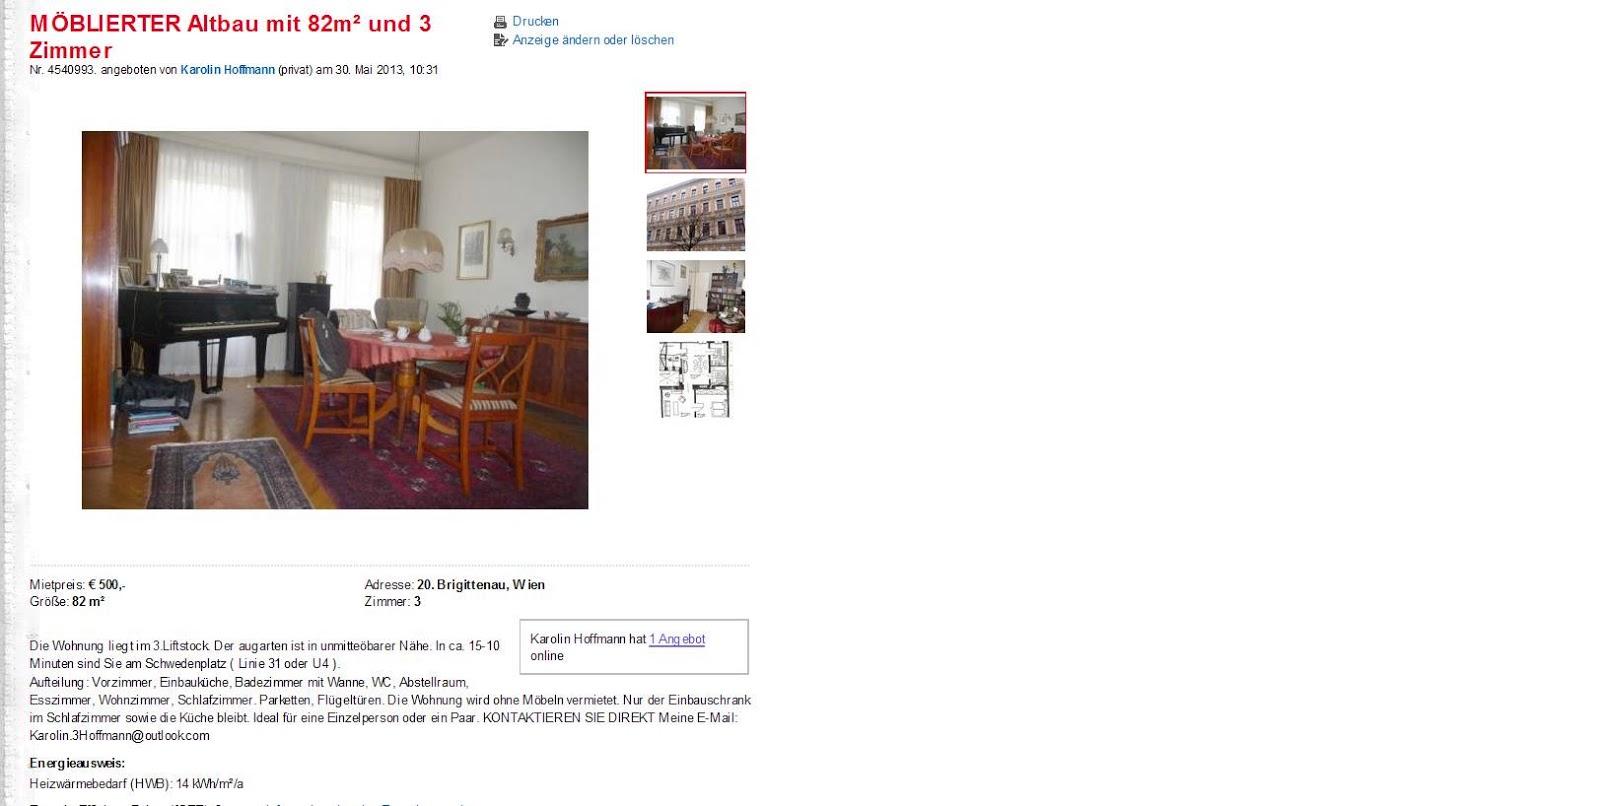 Aufteilung: Vorzimmer, Einbauküche, Badezimmer Mit Wanne, WC, Abstellraum,  Esszimmer, Wohnzimmer, Schlafzimmer.